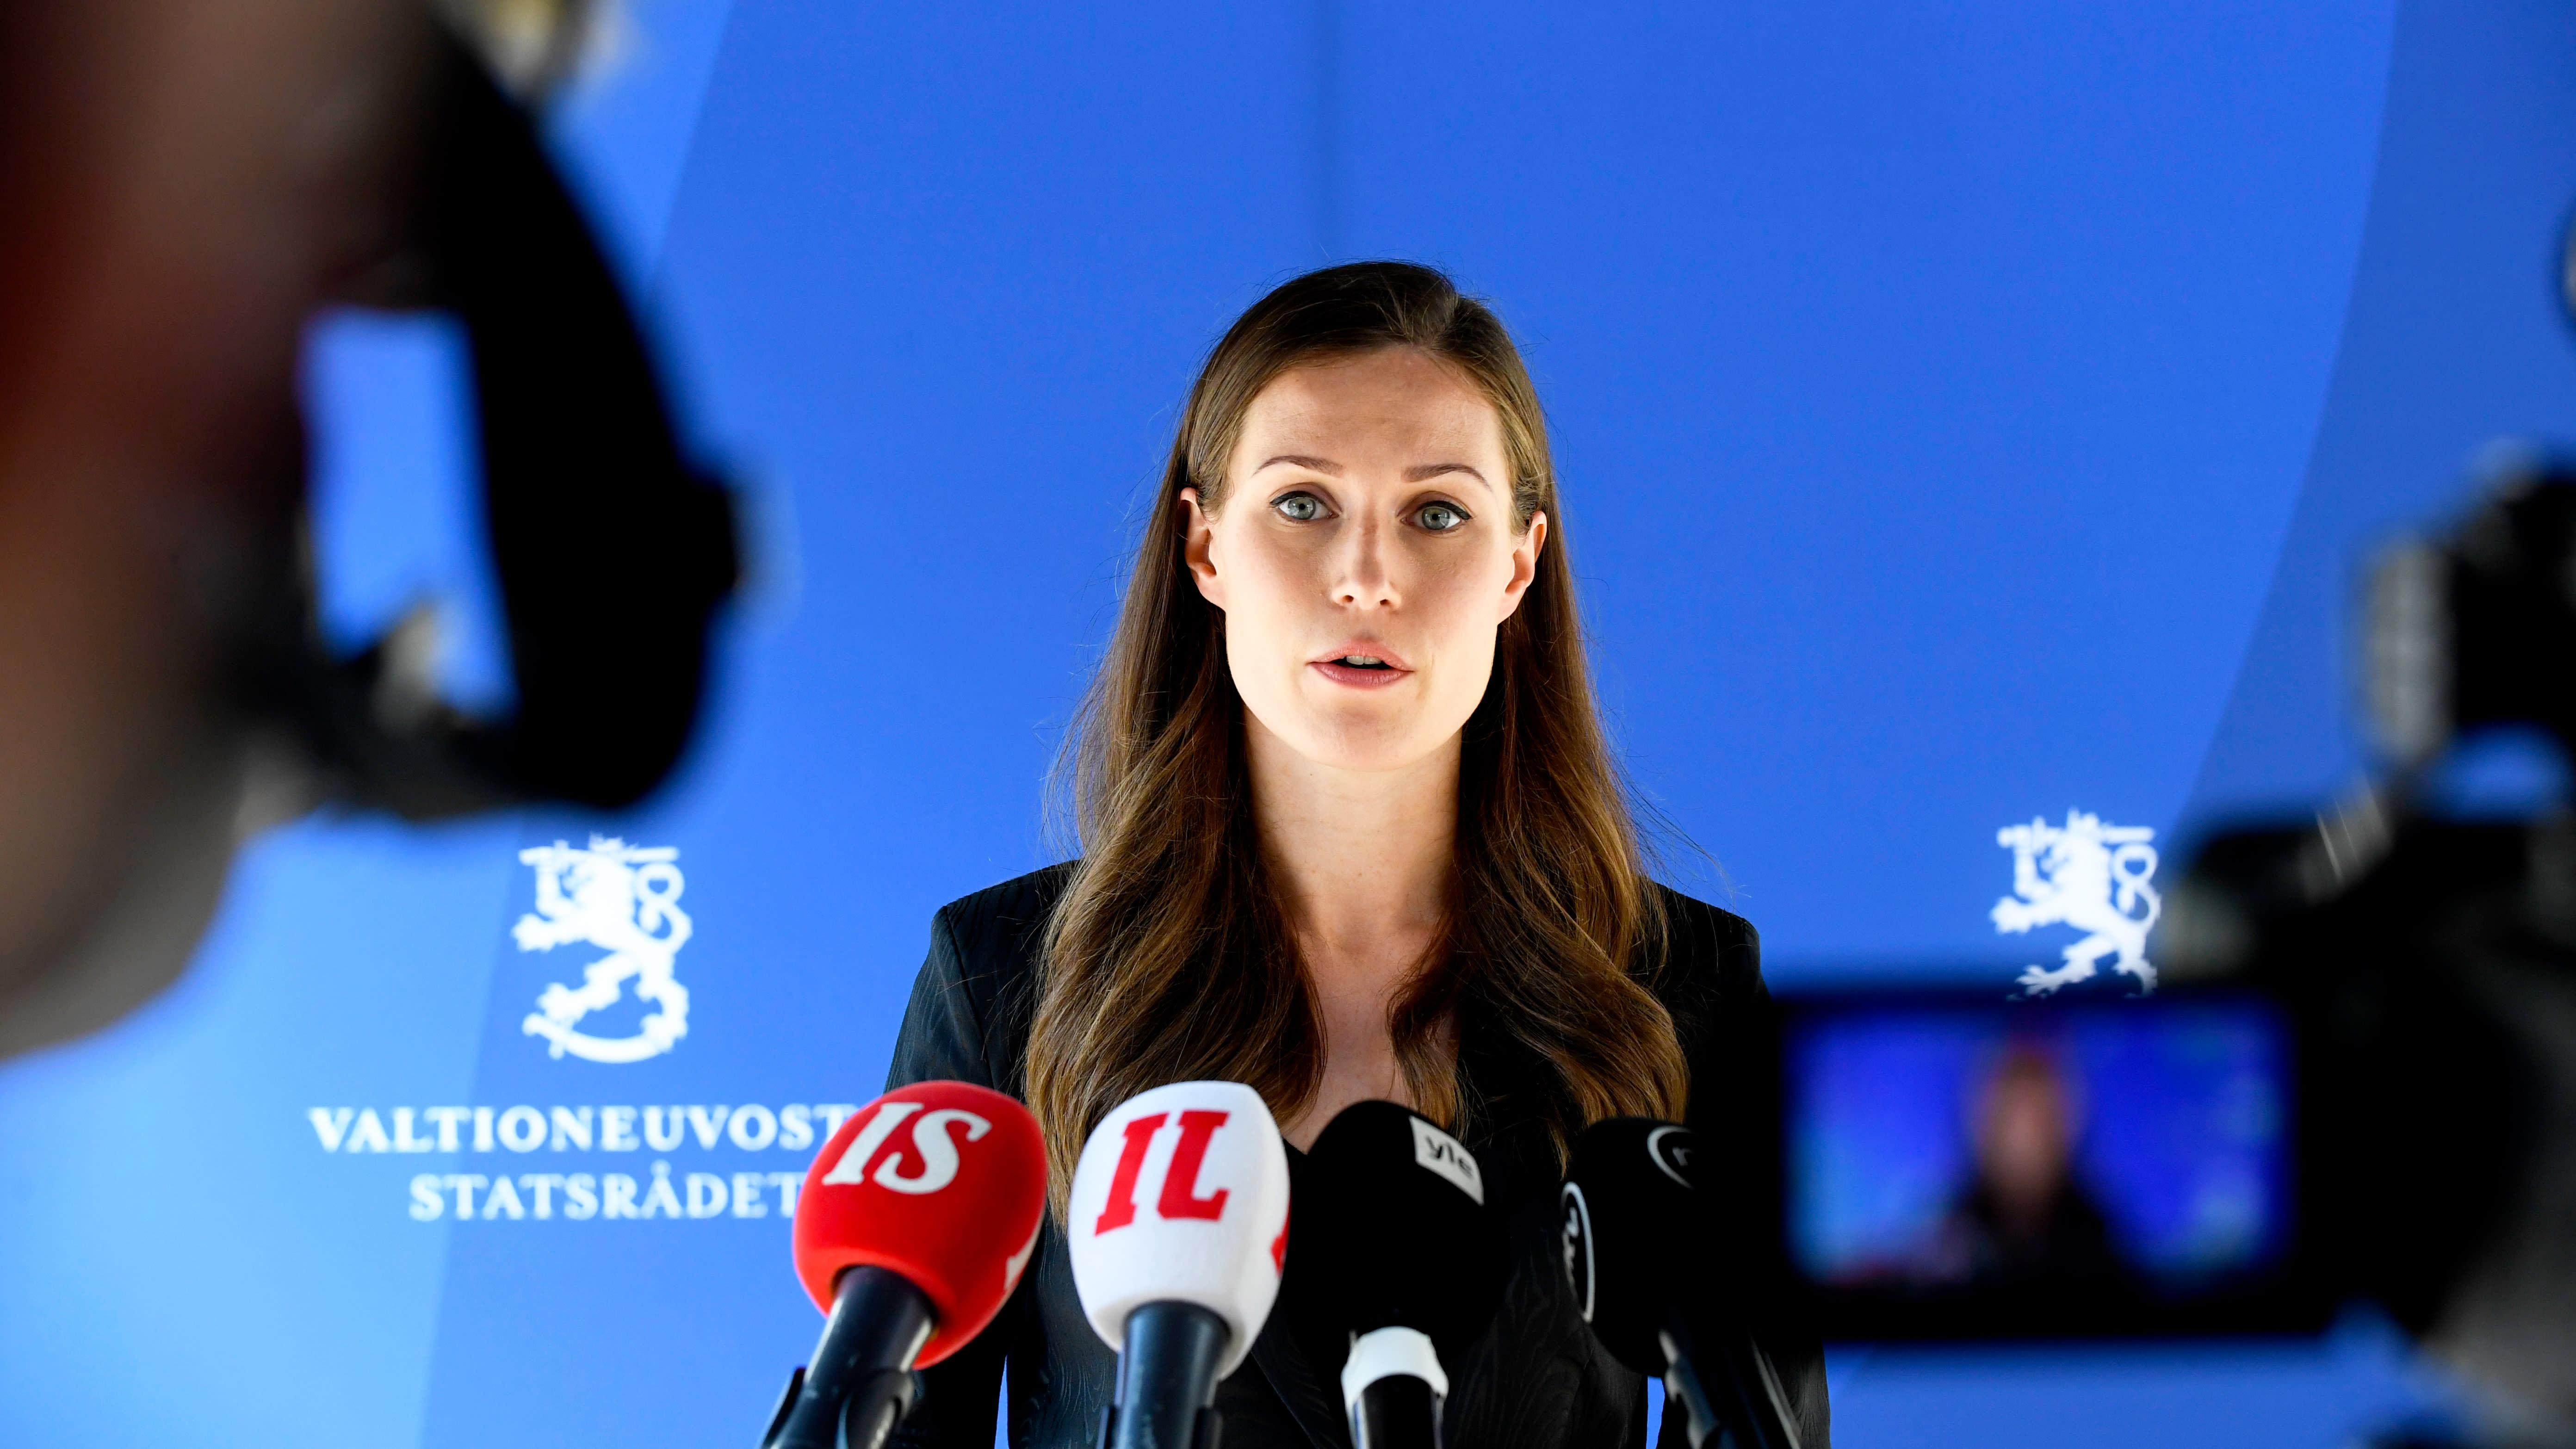 Pääministeri Sanna Marinin info rahapelituottojen kompensaatiosta